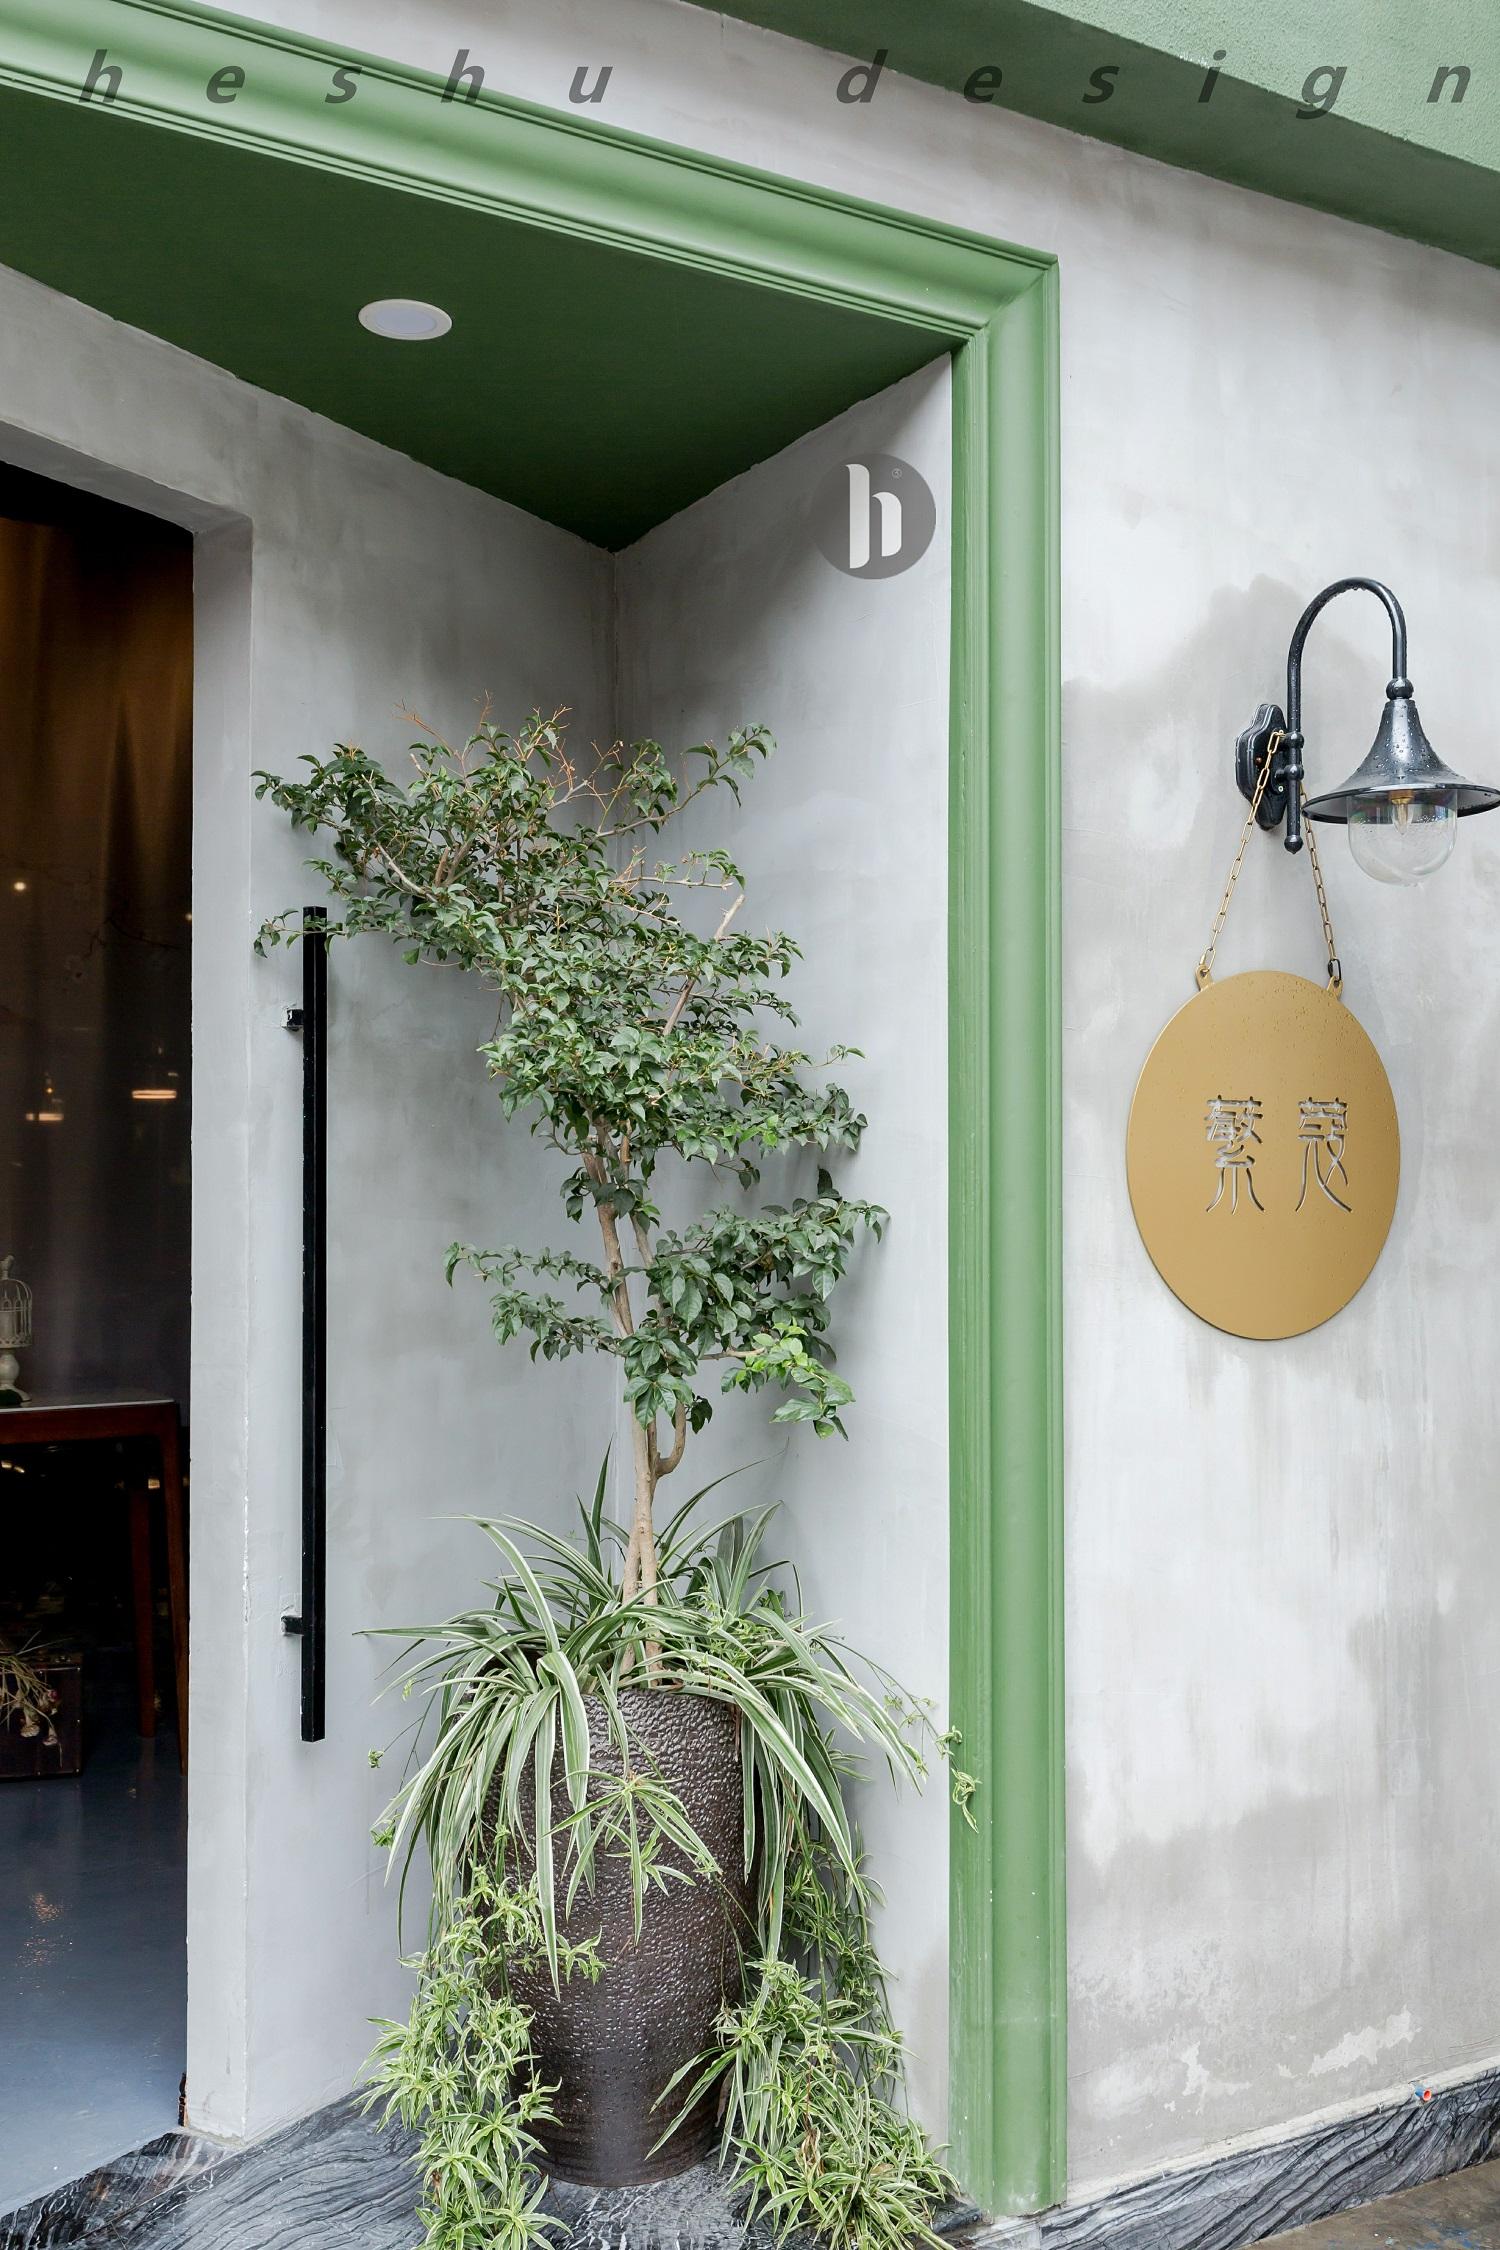 咖啡店装修效果图入口玄关绿植图片